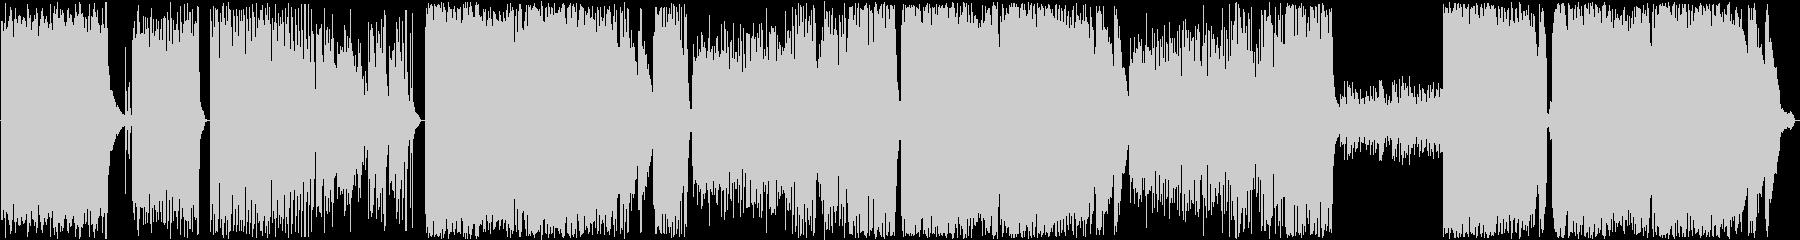 冬曲(フルバージョン、ピアノ・バイオリンの未再生の波形